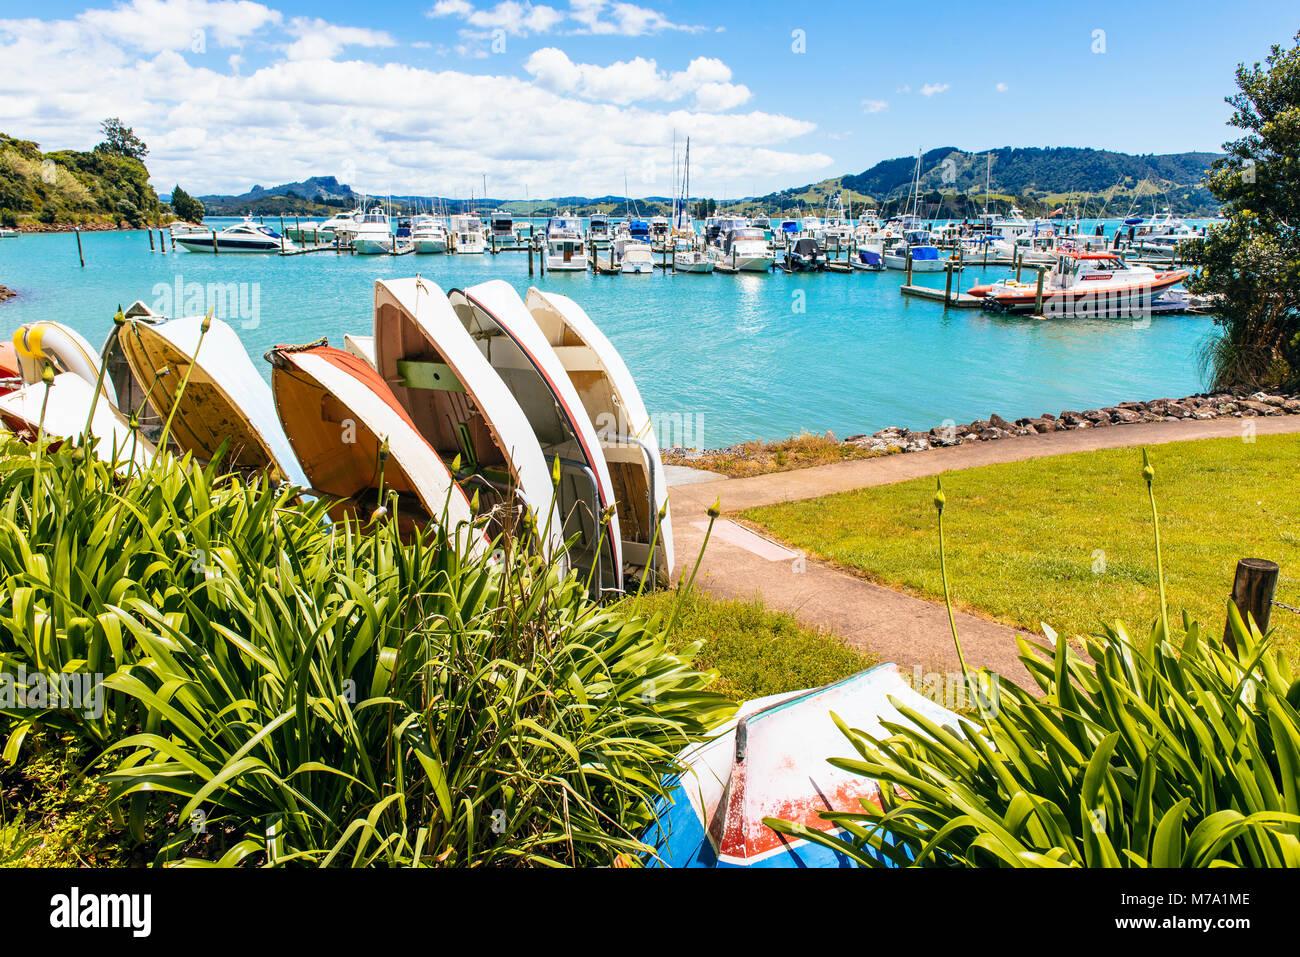 Marina at Whangaroa, North Island, New Zealand Stock Photo